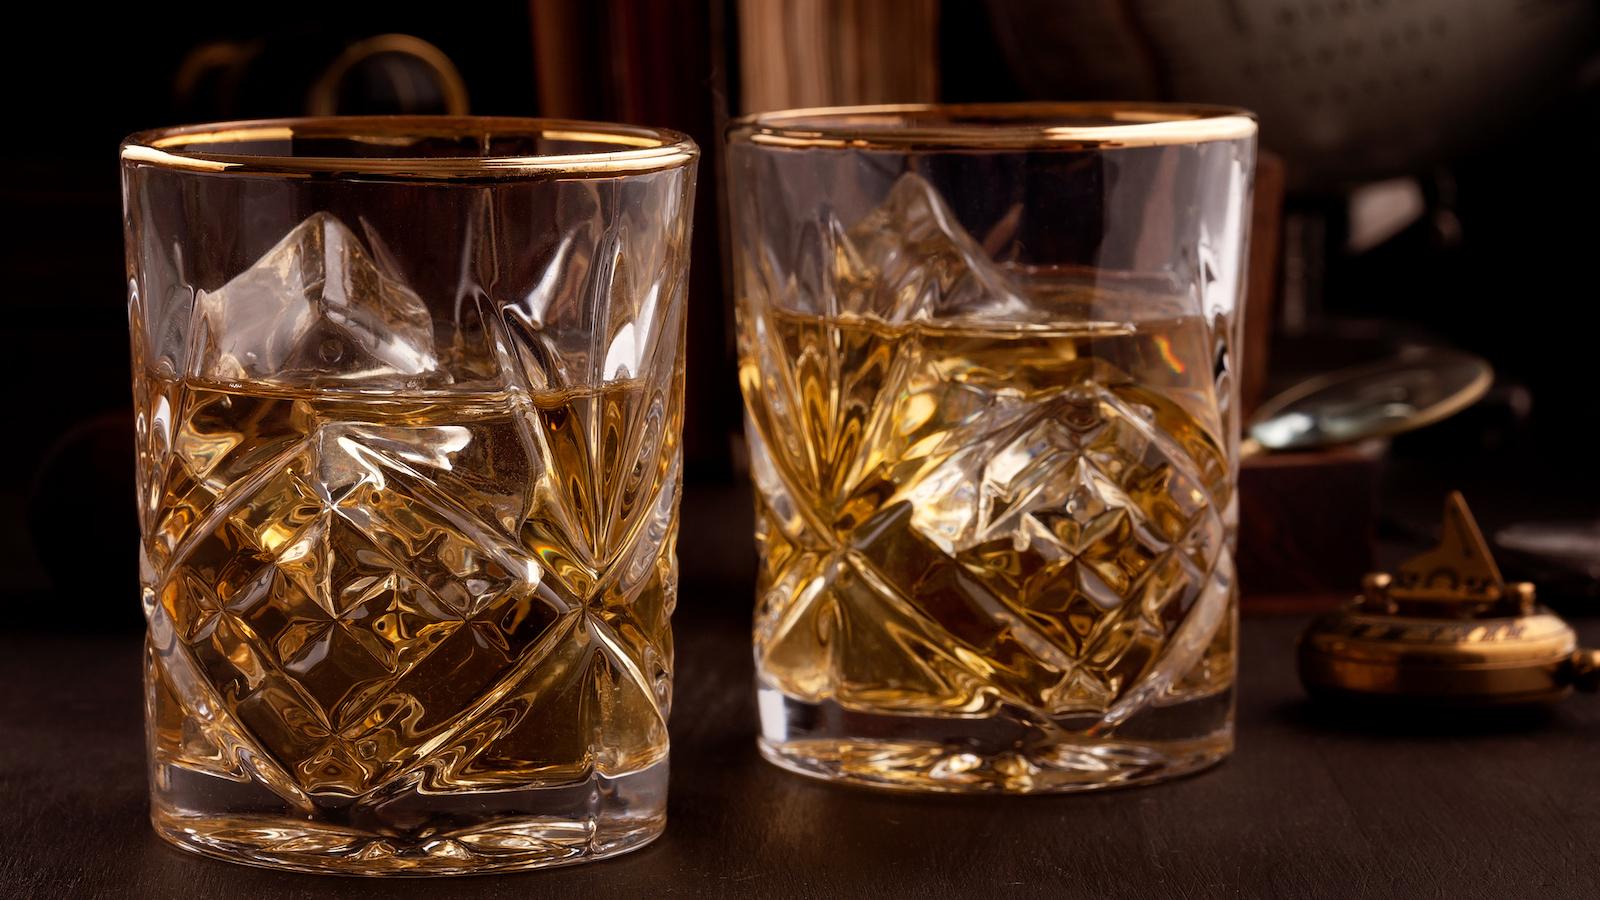 Ardbeg Blaaack, Daviess County Kentucky Bourbon & More New Whisky